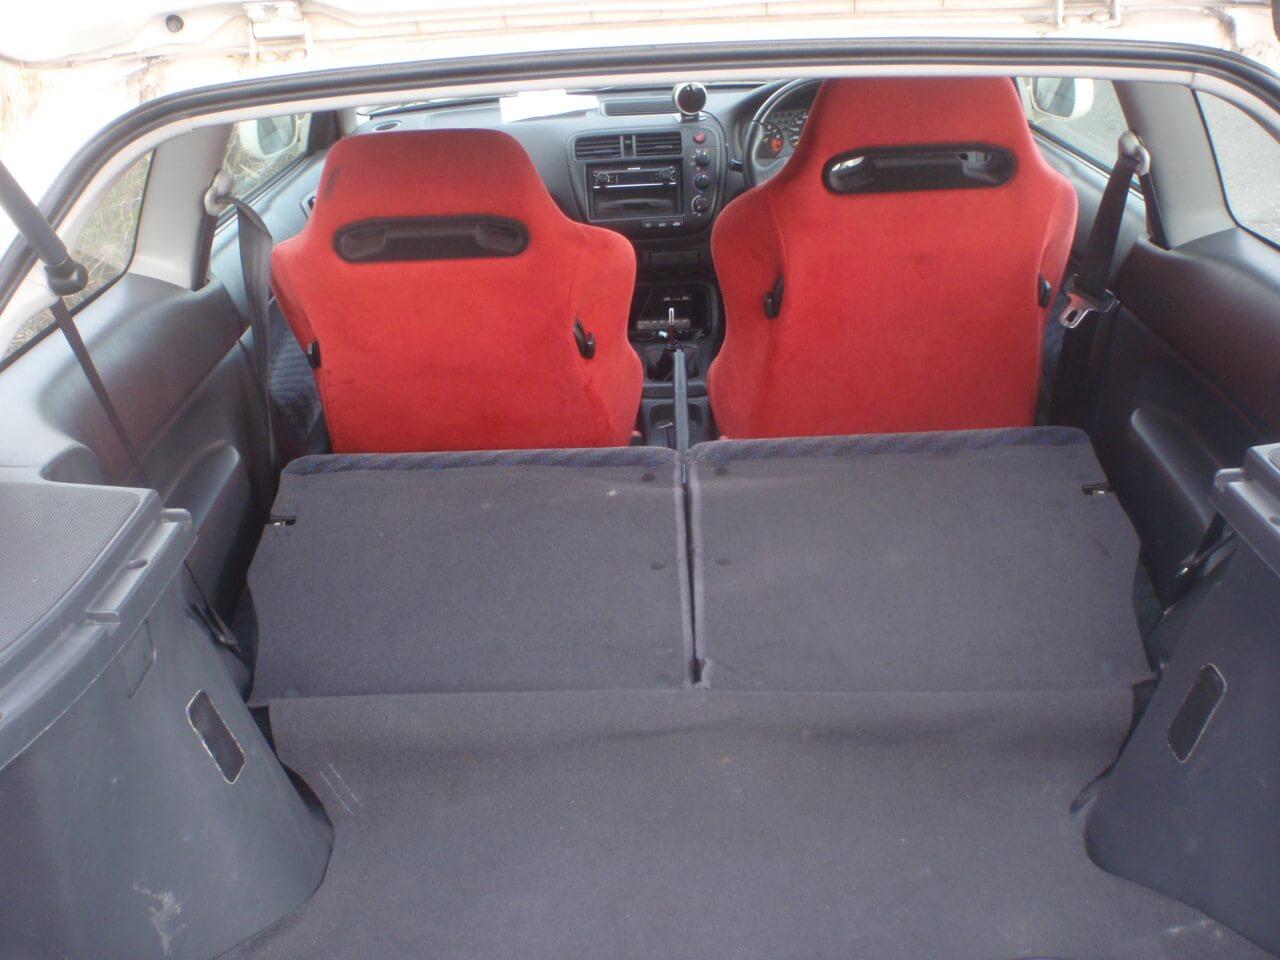 Honda Civic EK9 Innenraum